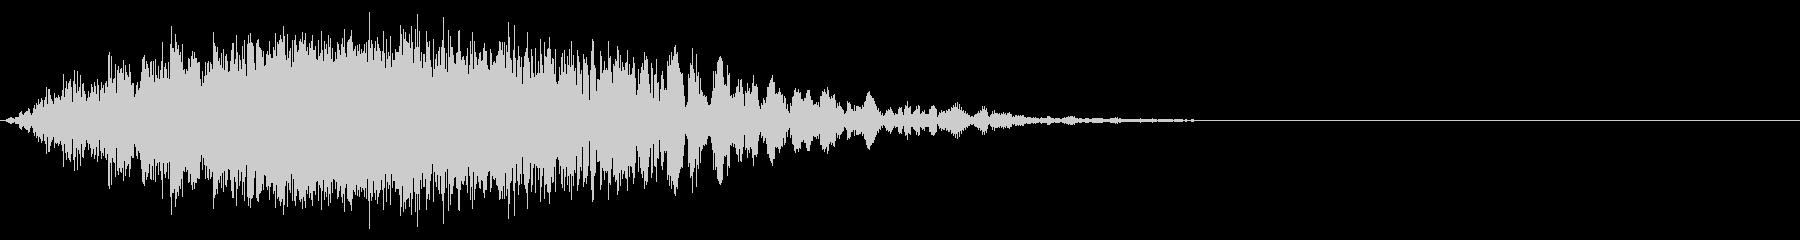 キュイーンバーン:迫力の上昇していく音の未再生の波形